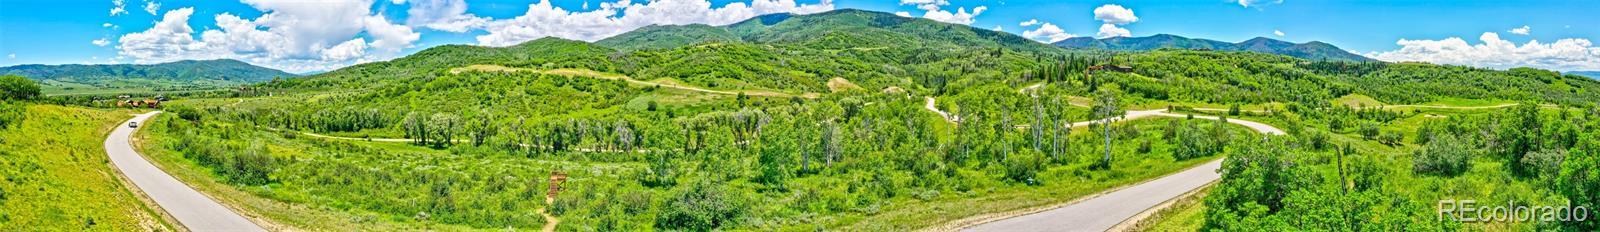 33655 Bald Eagle Drive Property Photo 10